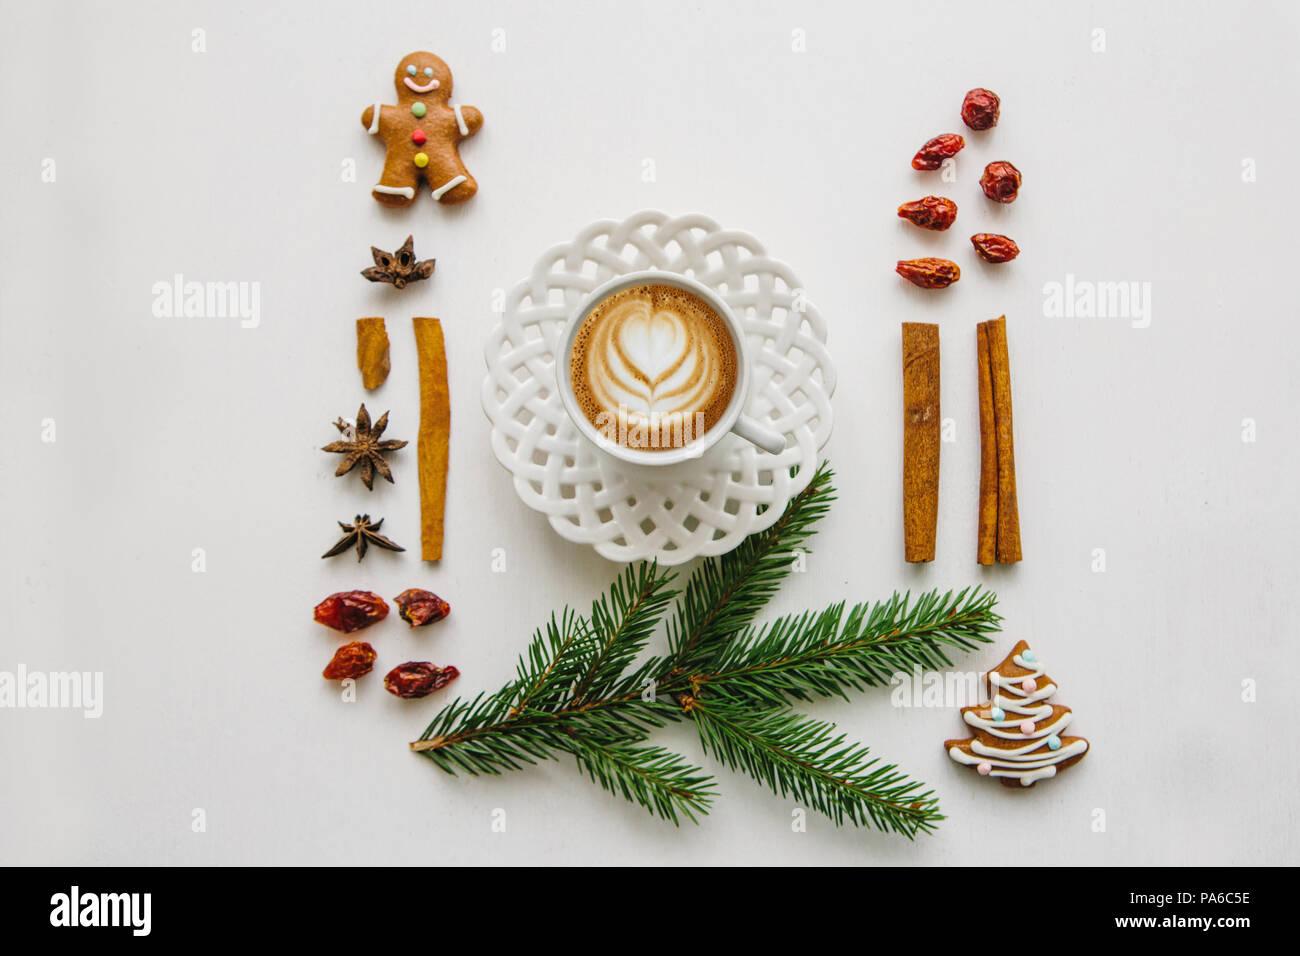 Freschi e deliziosi caffè cappuccino in una tazza con un motivo floreale. Vicino a vari elementi di Natale o il tema di inverno Immagini Stock